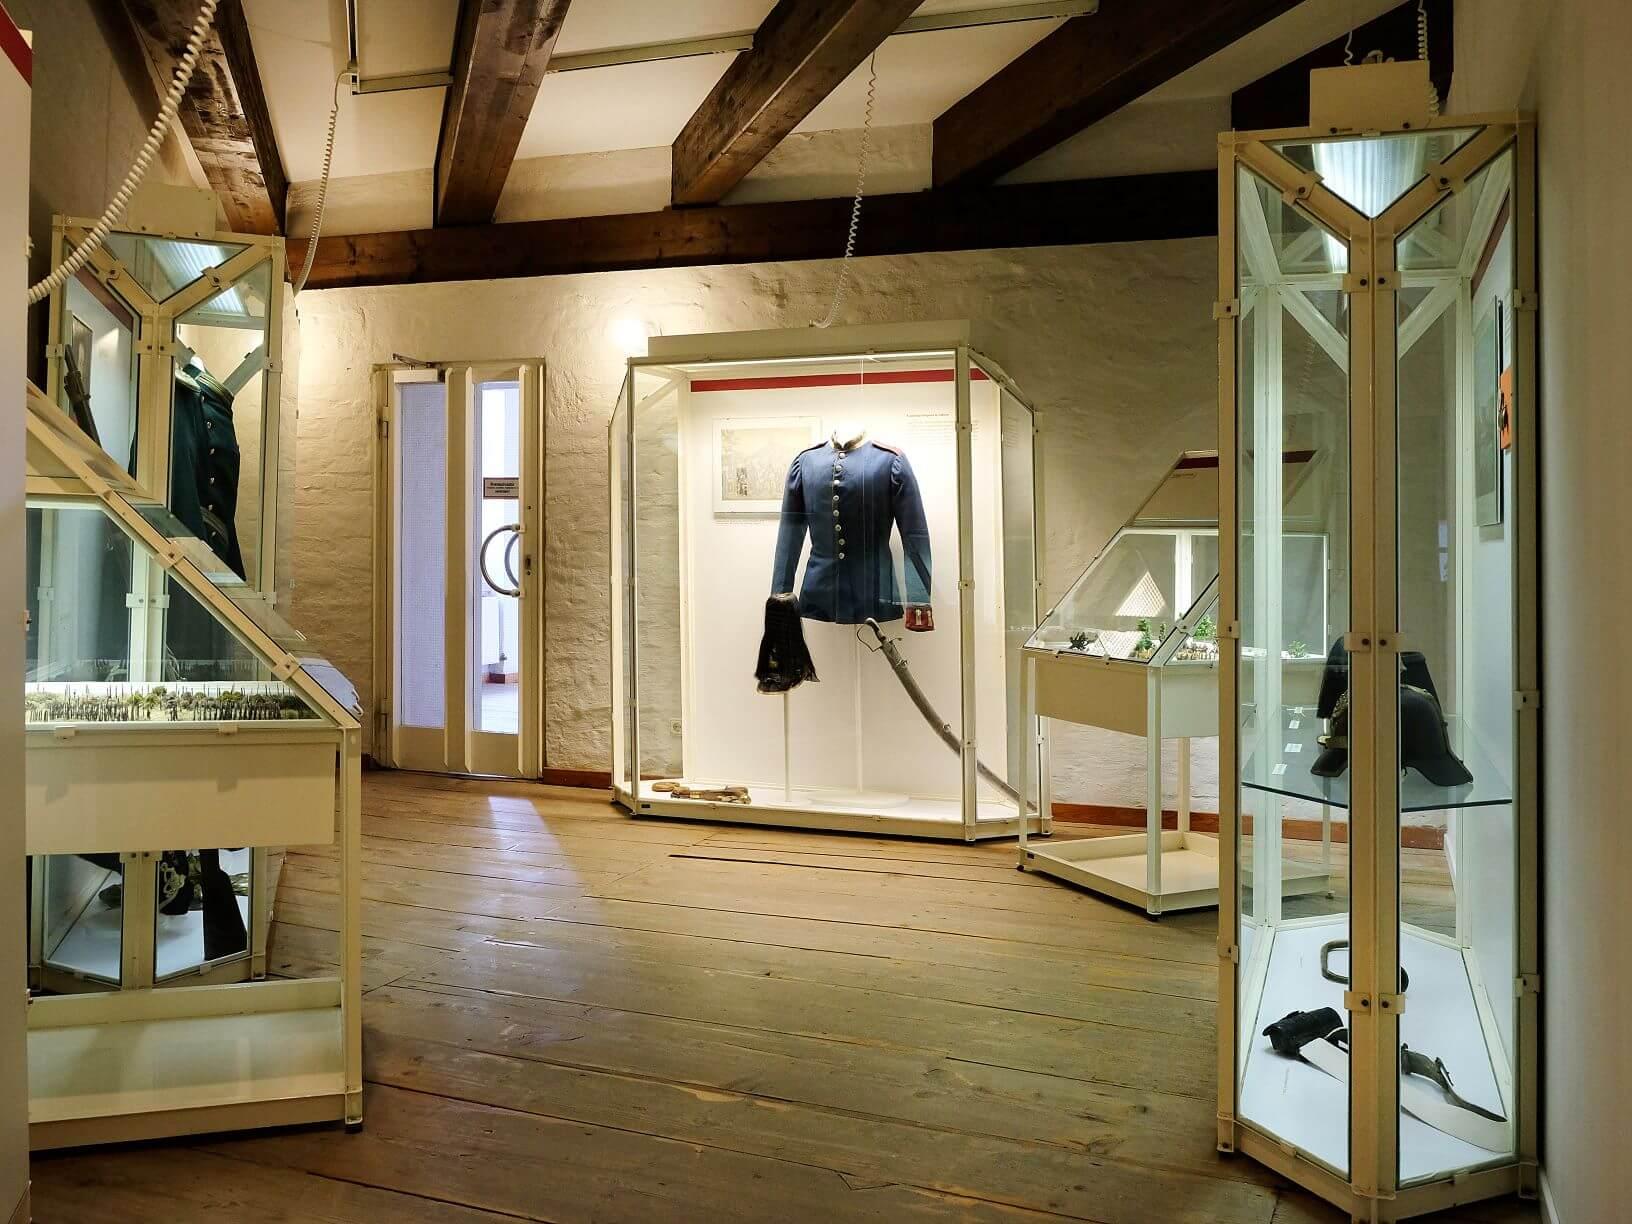 Blick in die Dauerausstellung im Historischen Museum Schloss Gifhorn